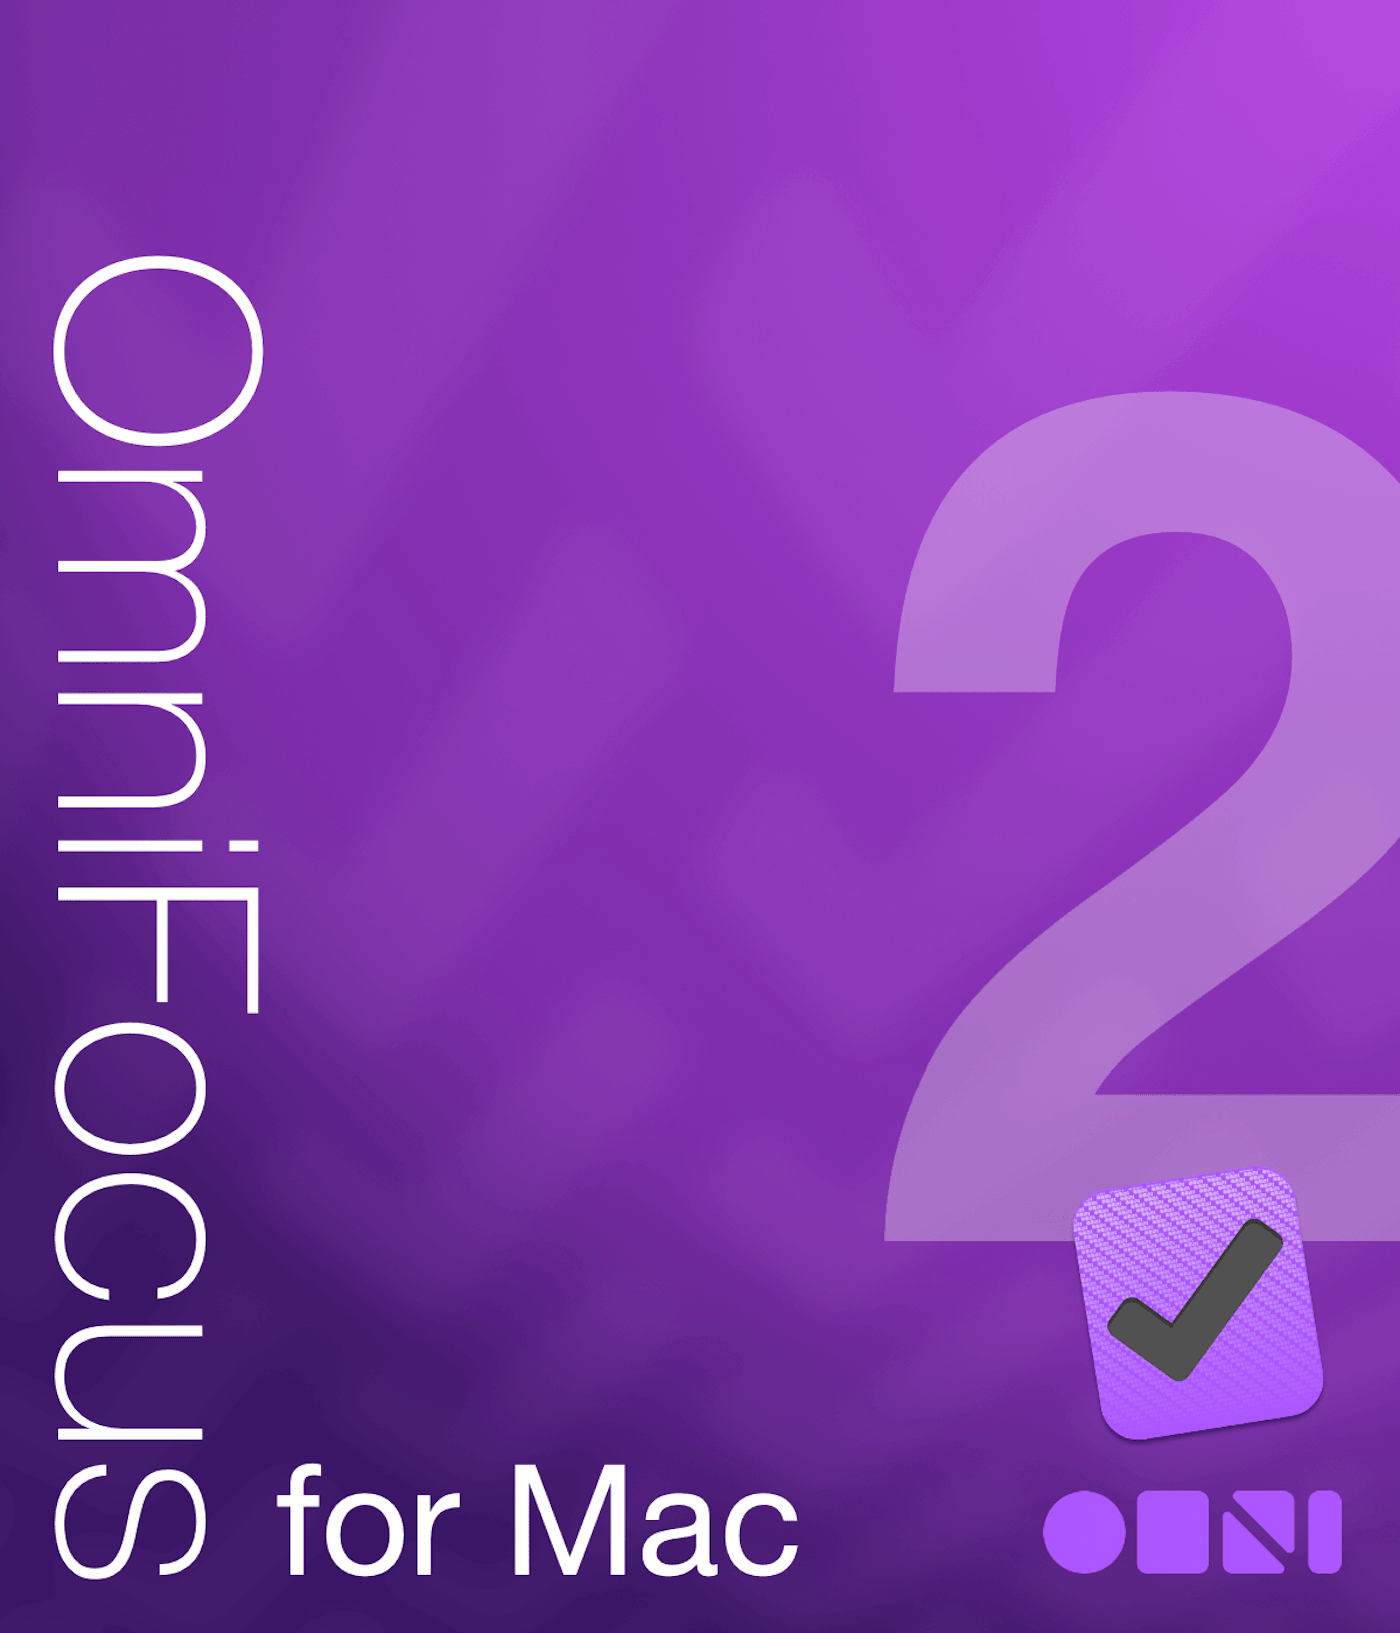 omnifocus 2 for mac user manual the omni group